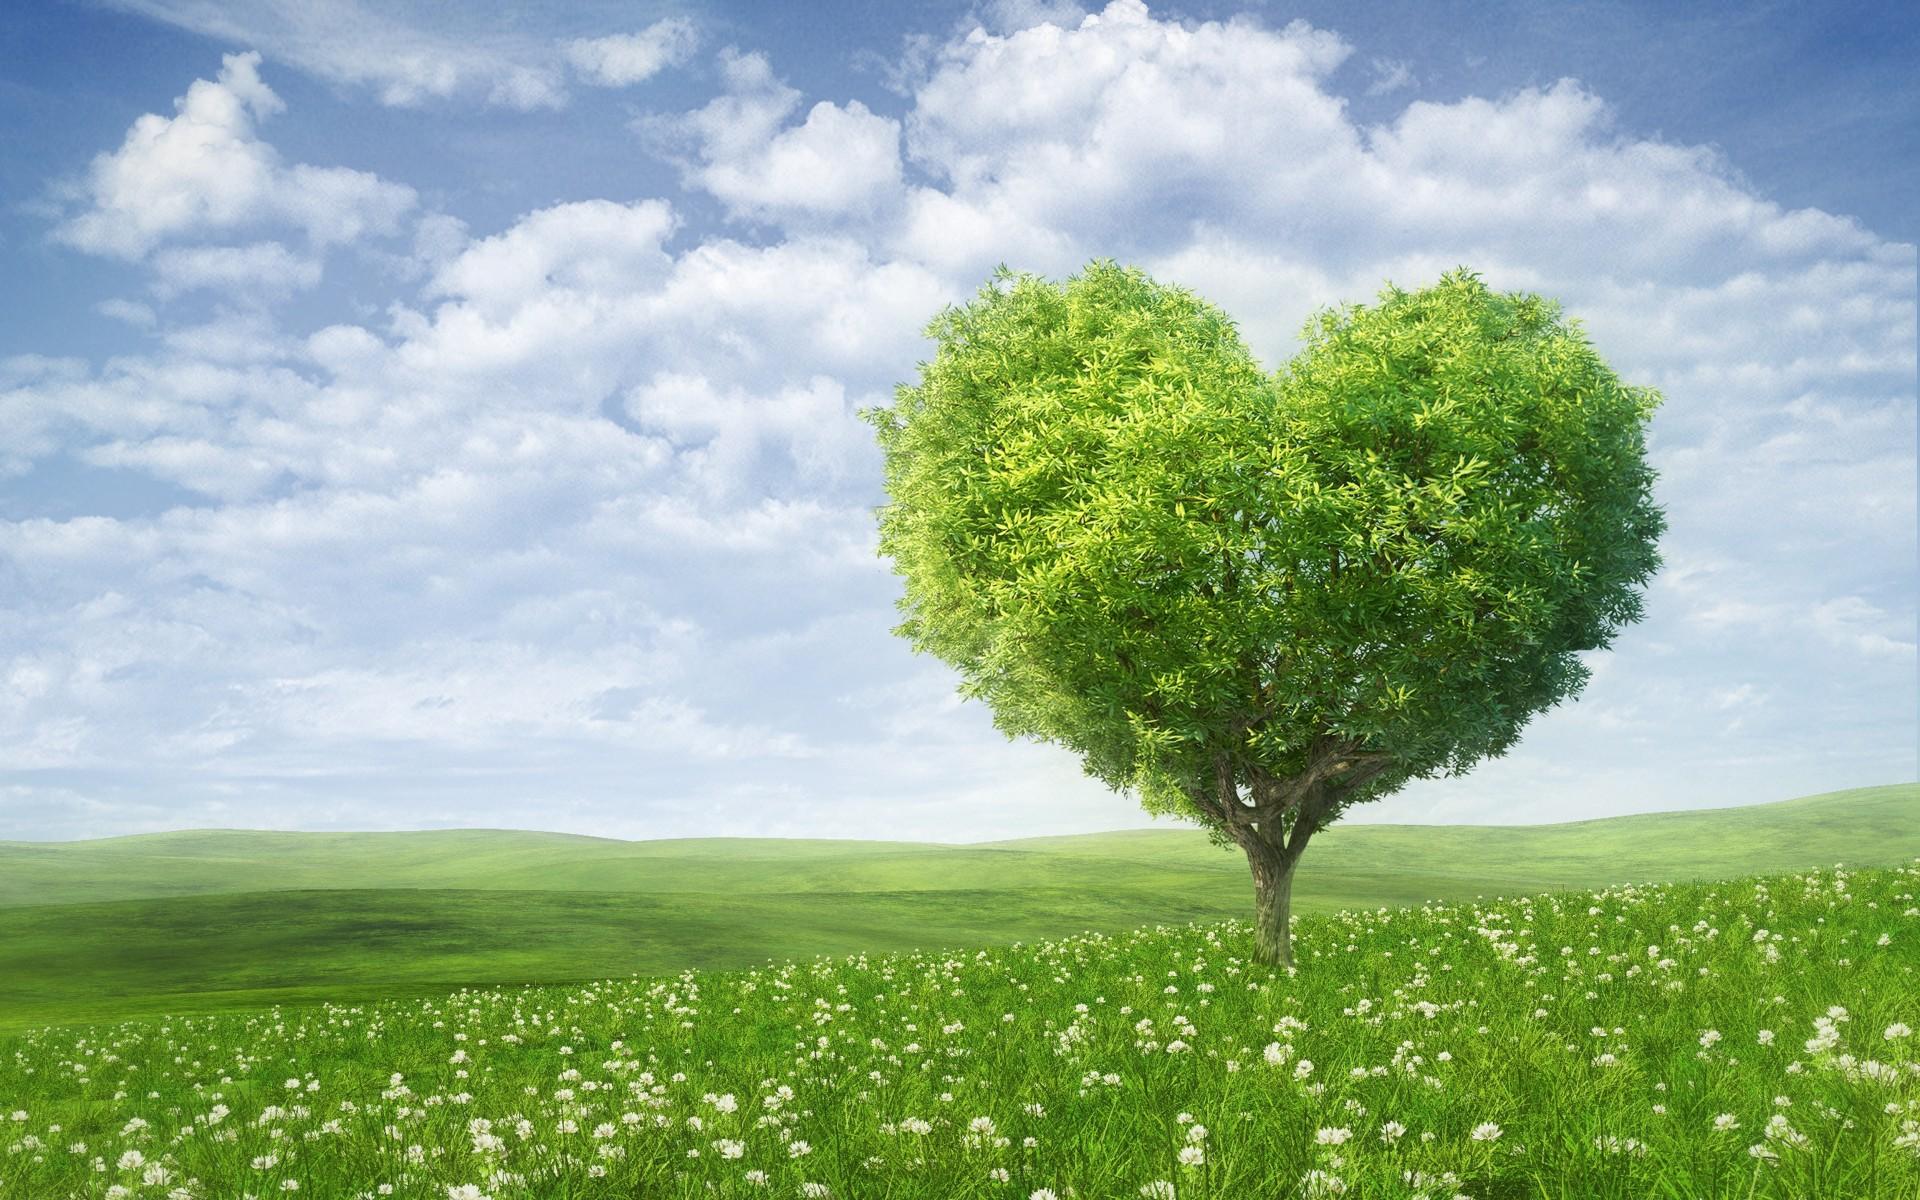 love-heart-1920x1200-tree-green-landscape-hd-4k-2366